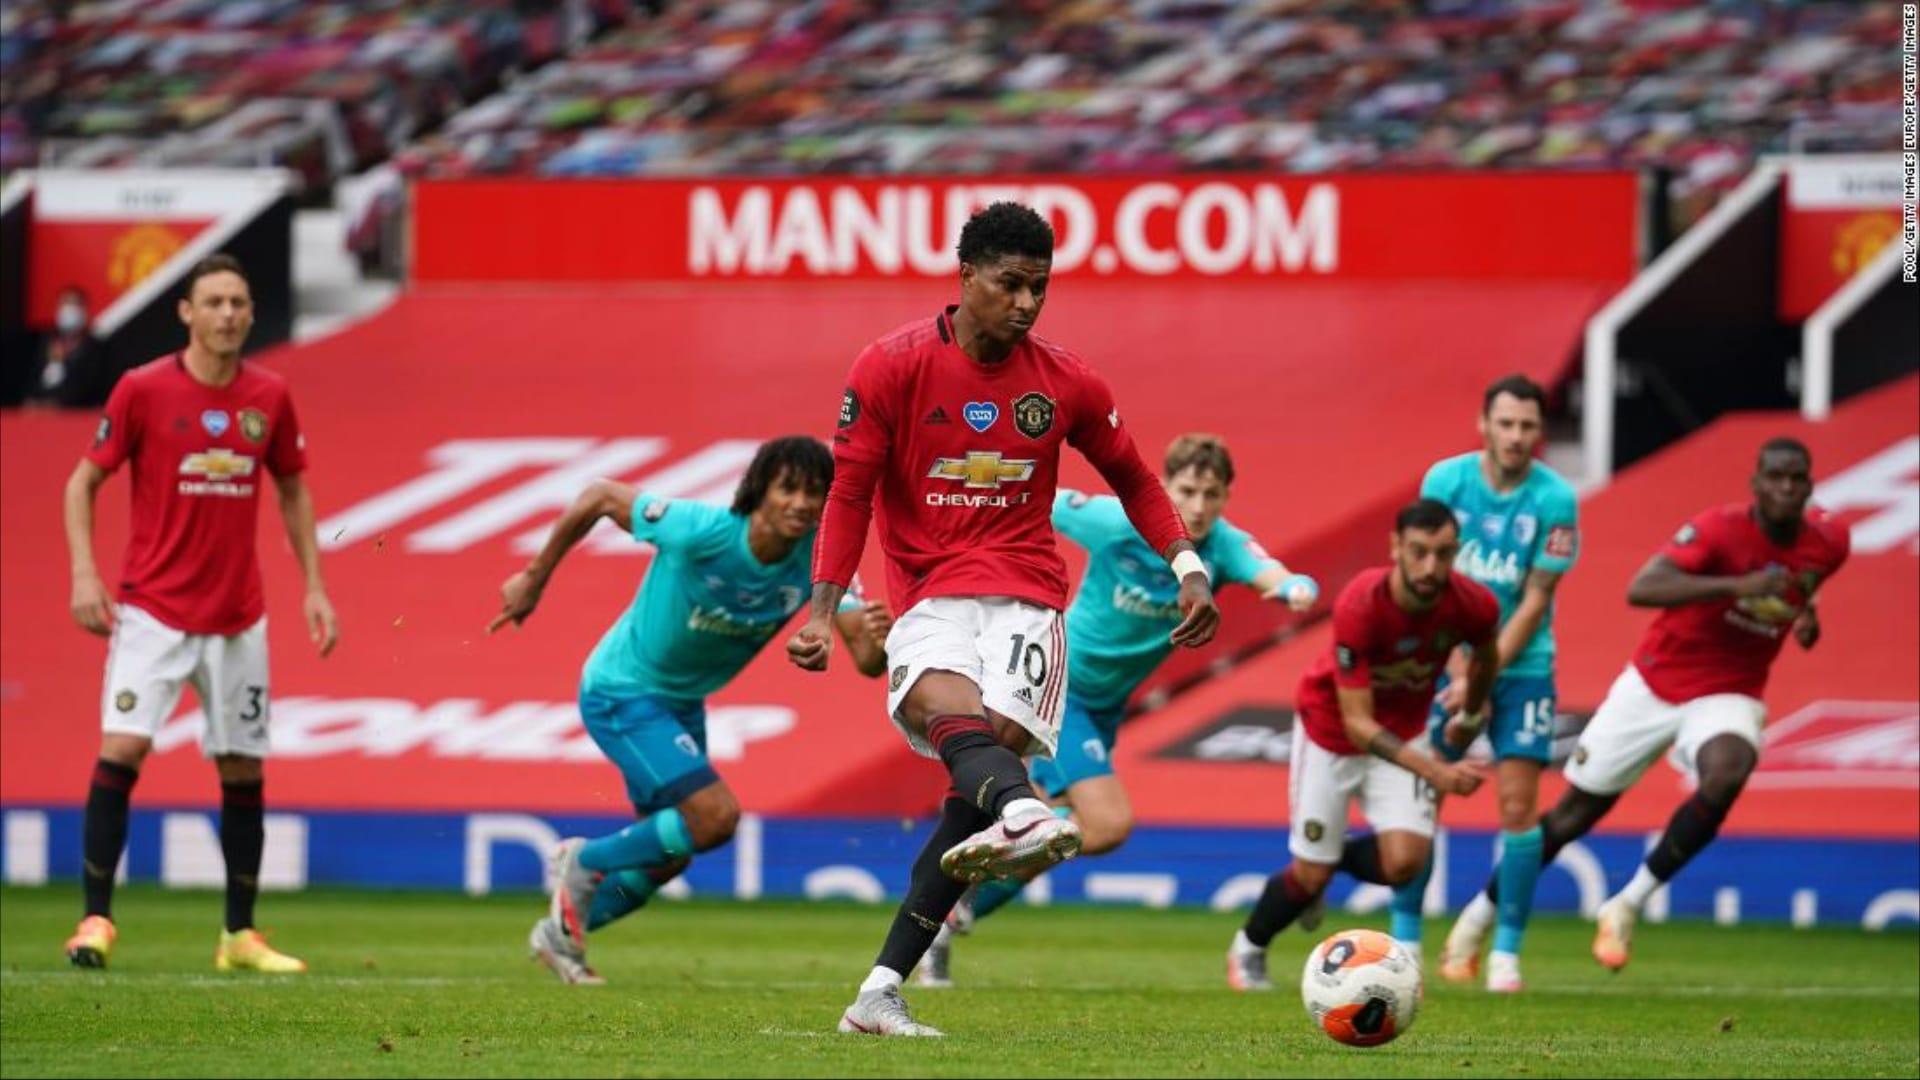 مهاجم مانشستر يونايتد يدافع عن فريقه: لا نبحث عن ركلات الجزاء بل عن التسجيل